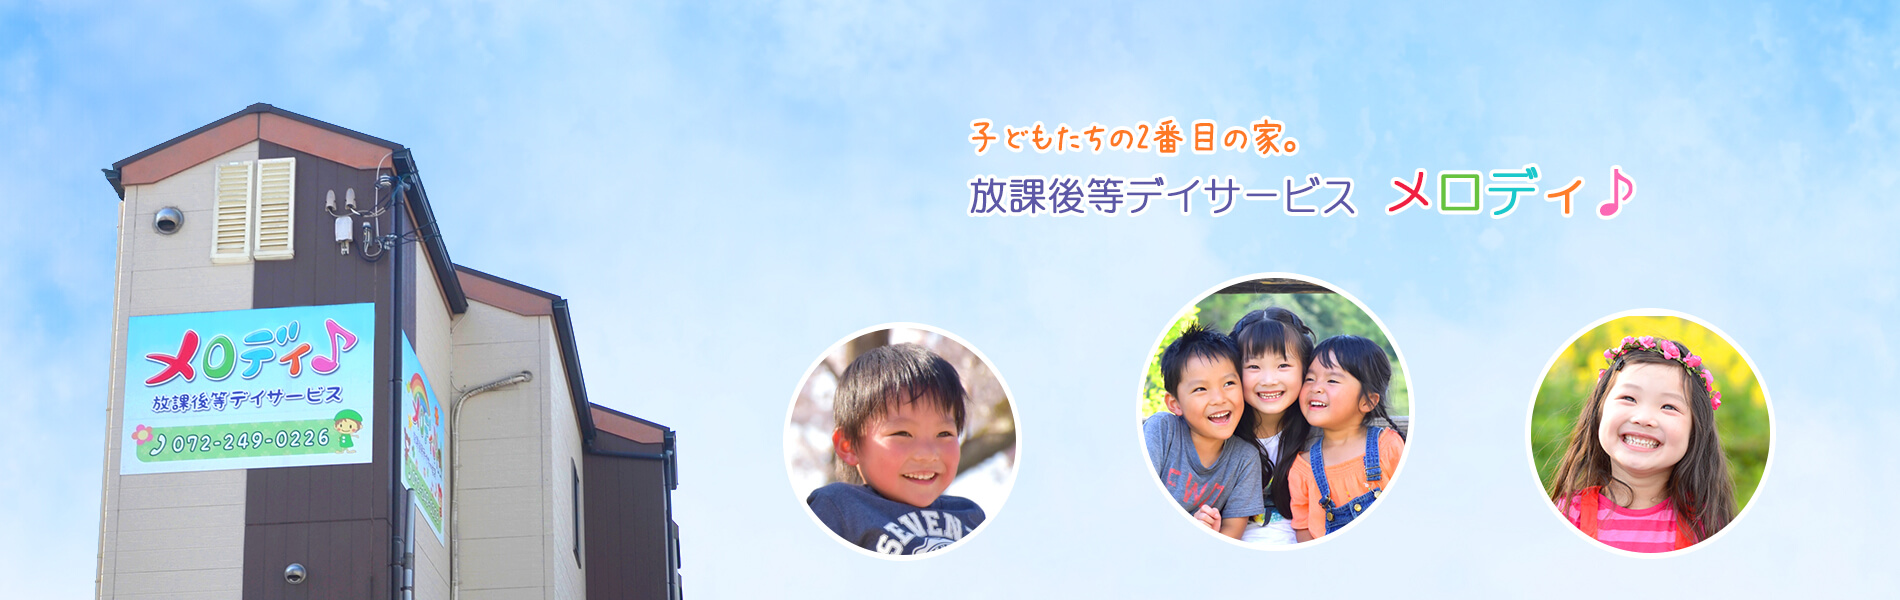 放課後等デイサービス「メロディ」|堺市東区・美原区・中区・大阪狭山市